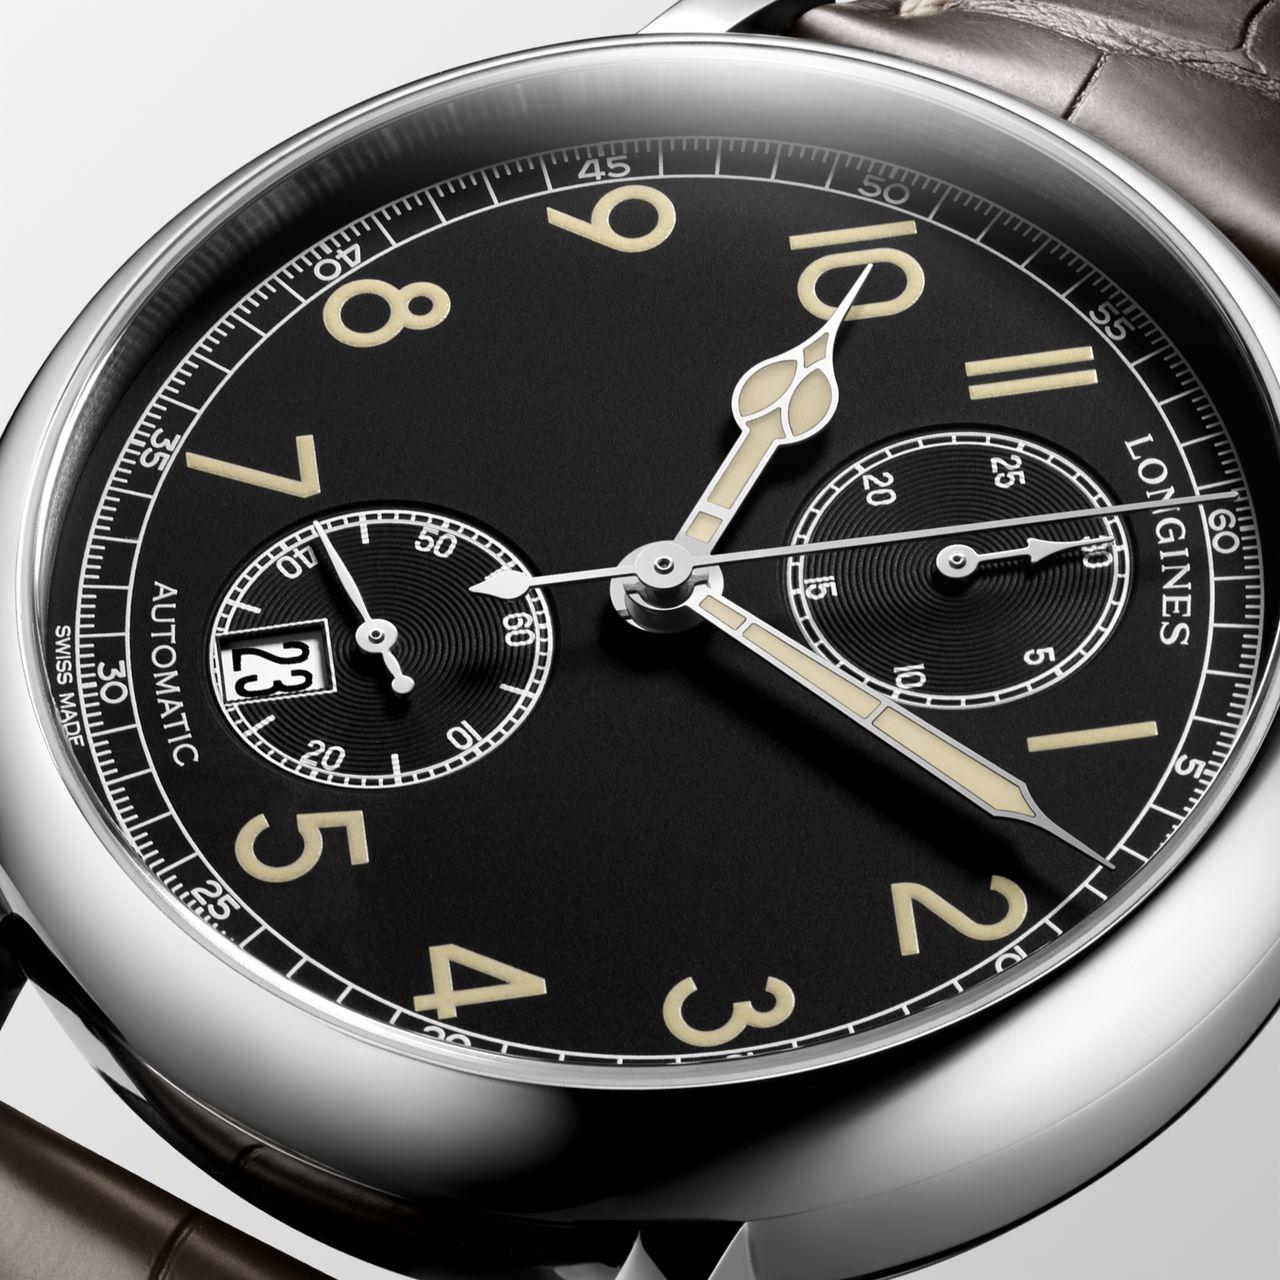 Longines Avigation Watch Type A-7 1935 - kibírtuk volna dátum nélkül is, de tény, hogy hasznos